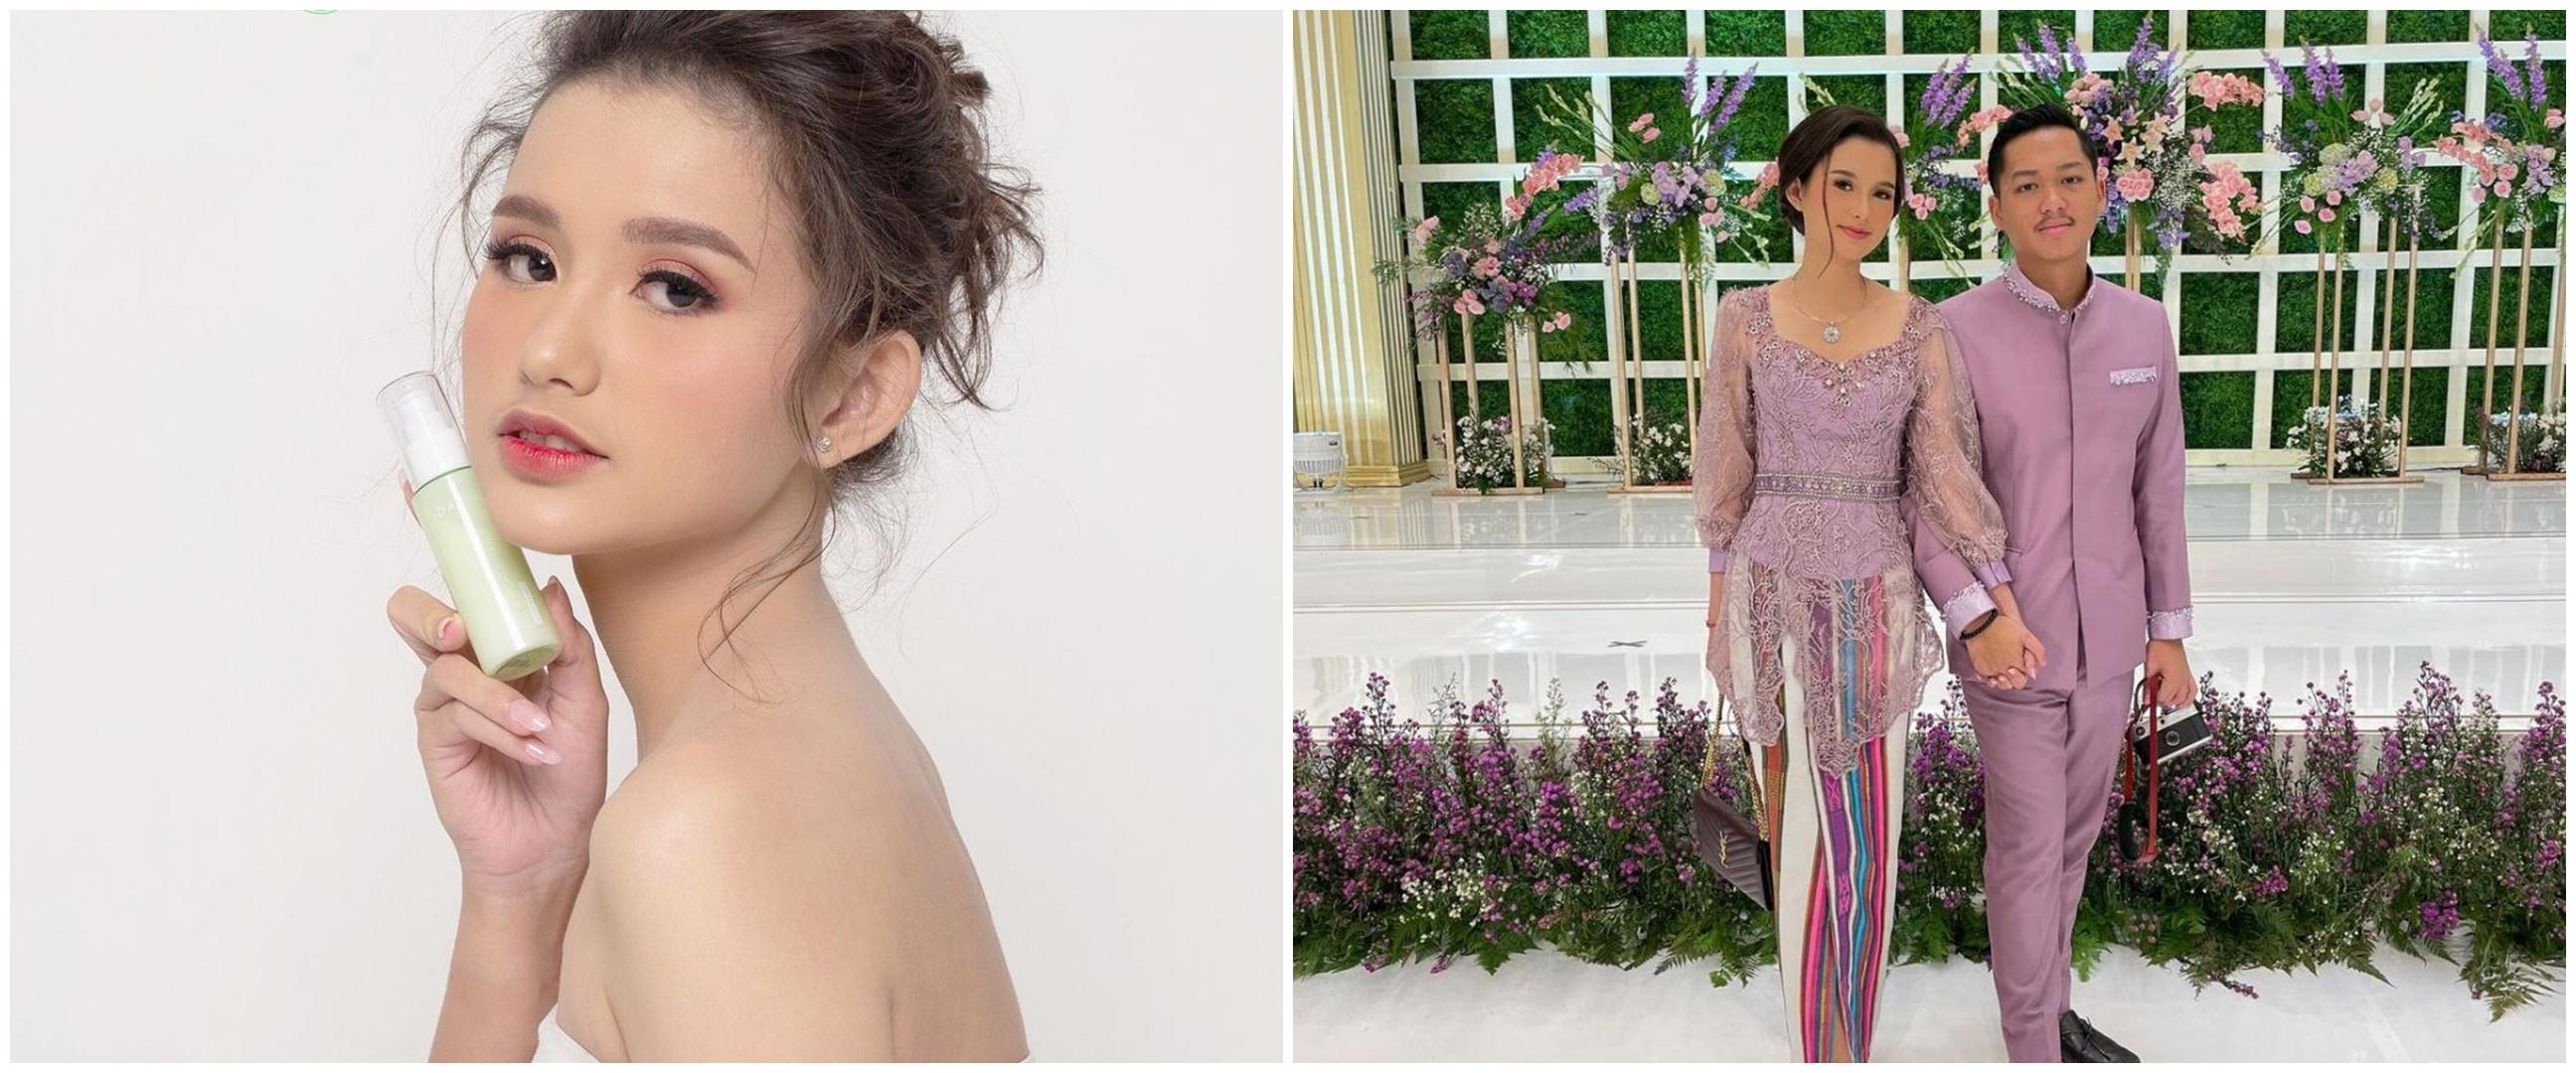 6 Pesona Sarah Menzel jadi bintang iklan kosmetik, dipuji bak barbie